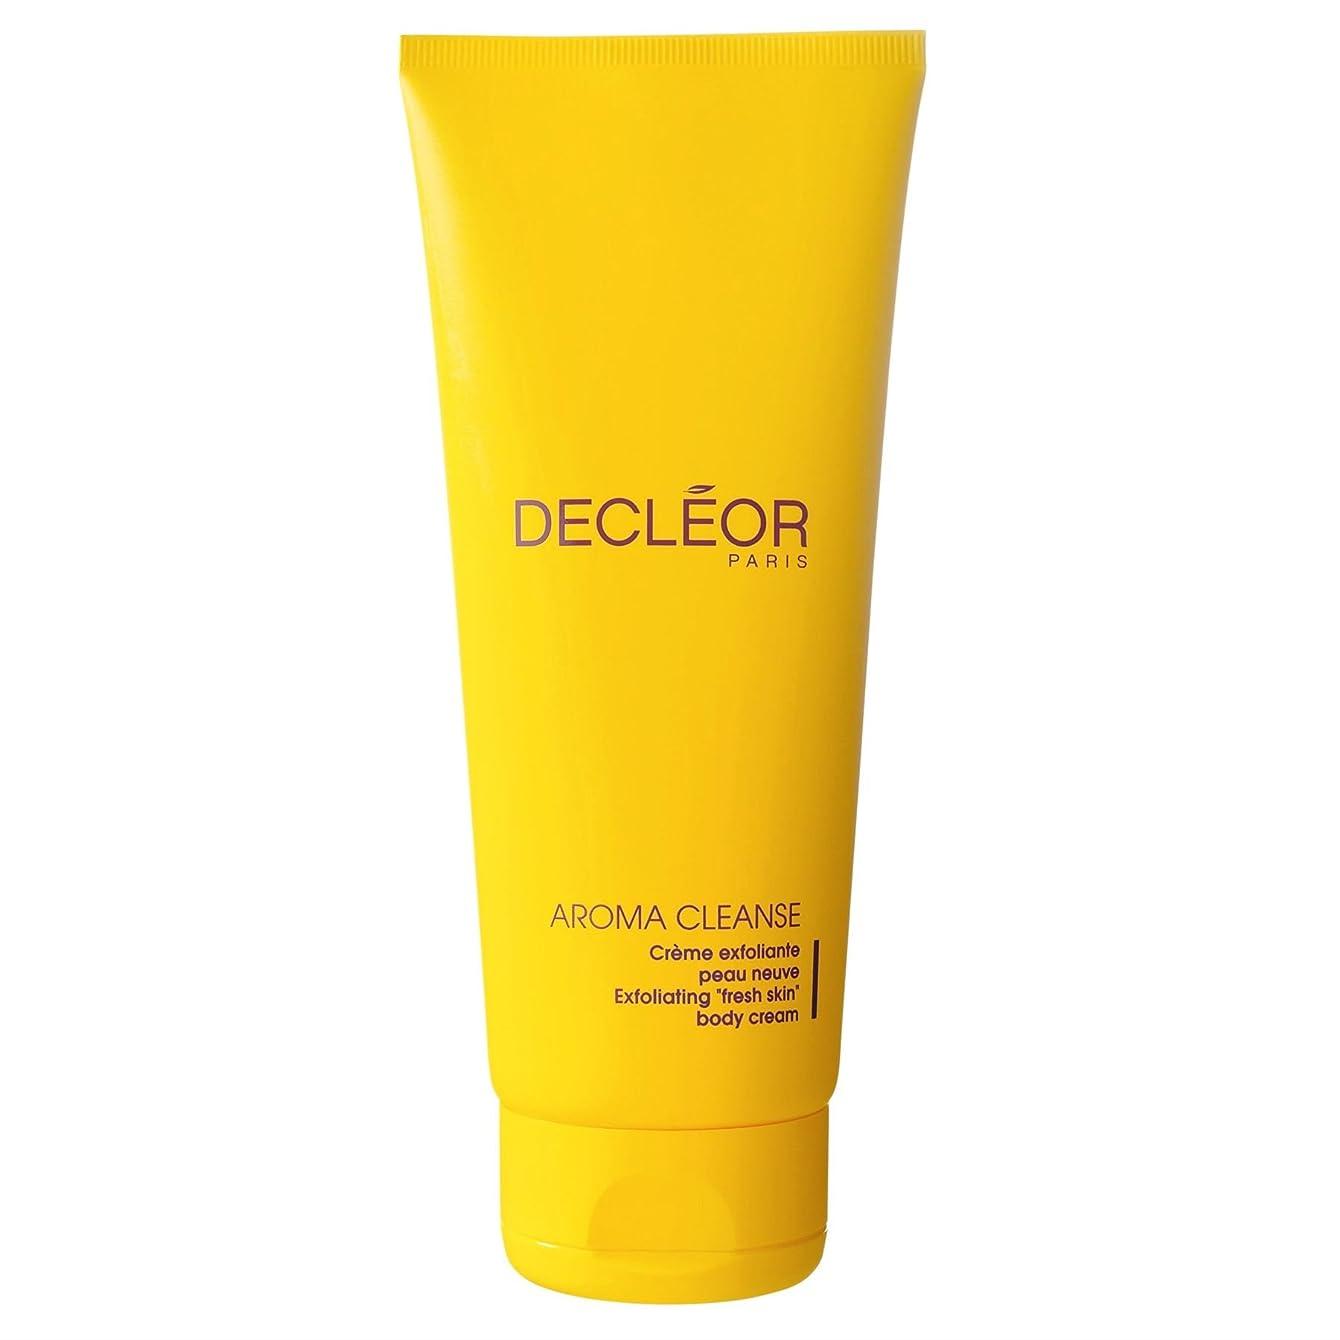 援助するスタッフ概念[Decl?or ] デクレオール角質除去ボディクリーム200ミリリットル - Decl?or Exfoliating Body Cream 200ml [並行輸入品]